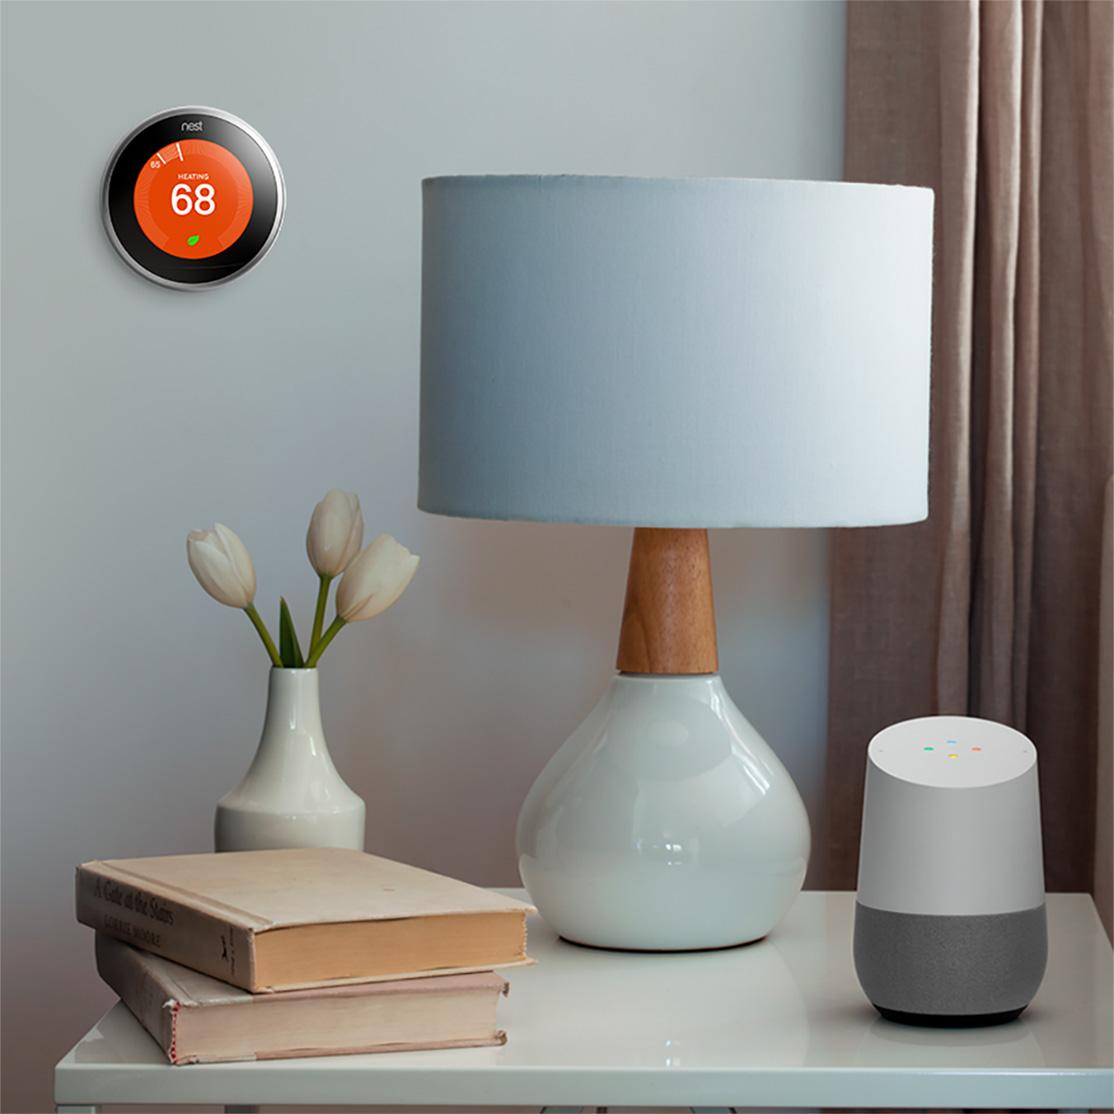 Nest retourne dans le foyer Google — IoT